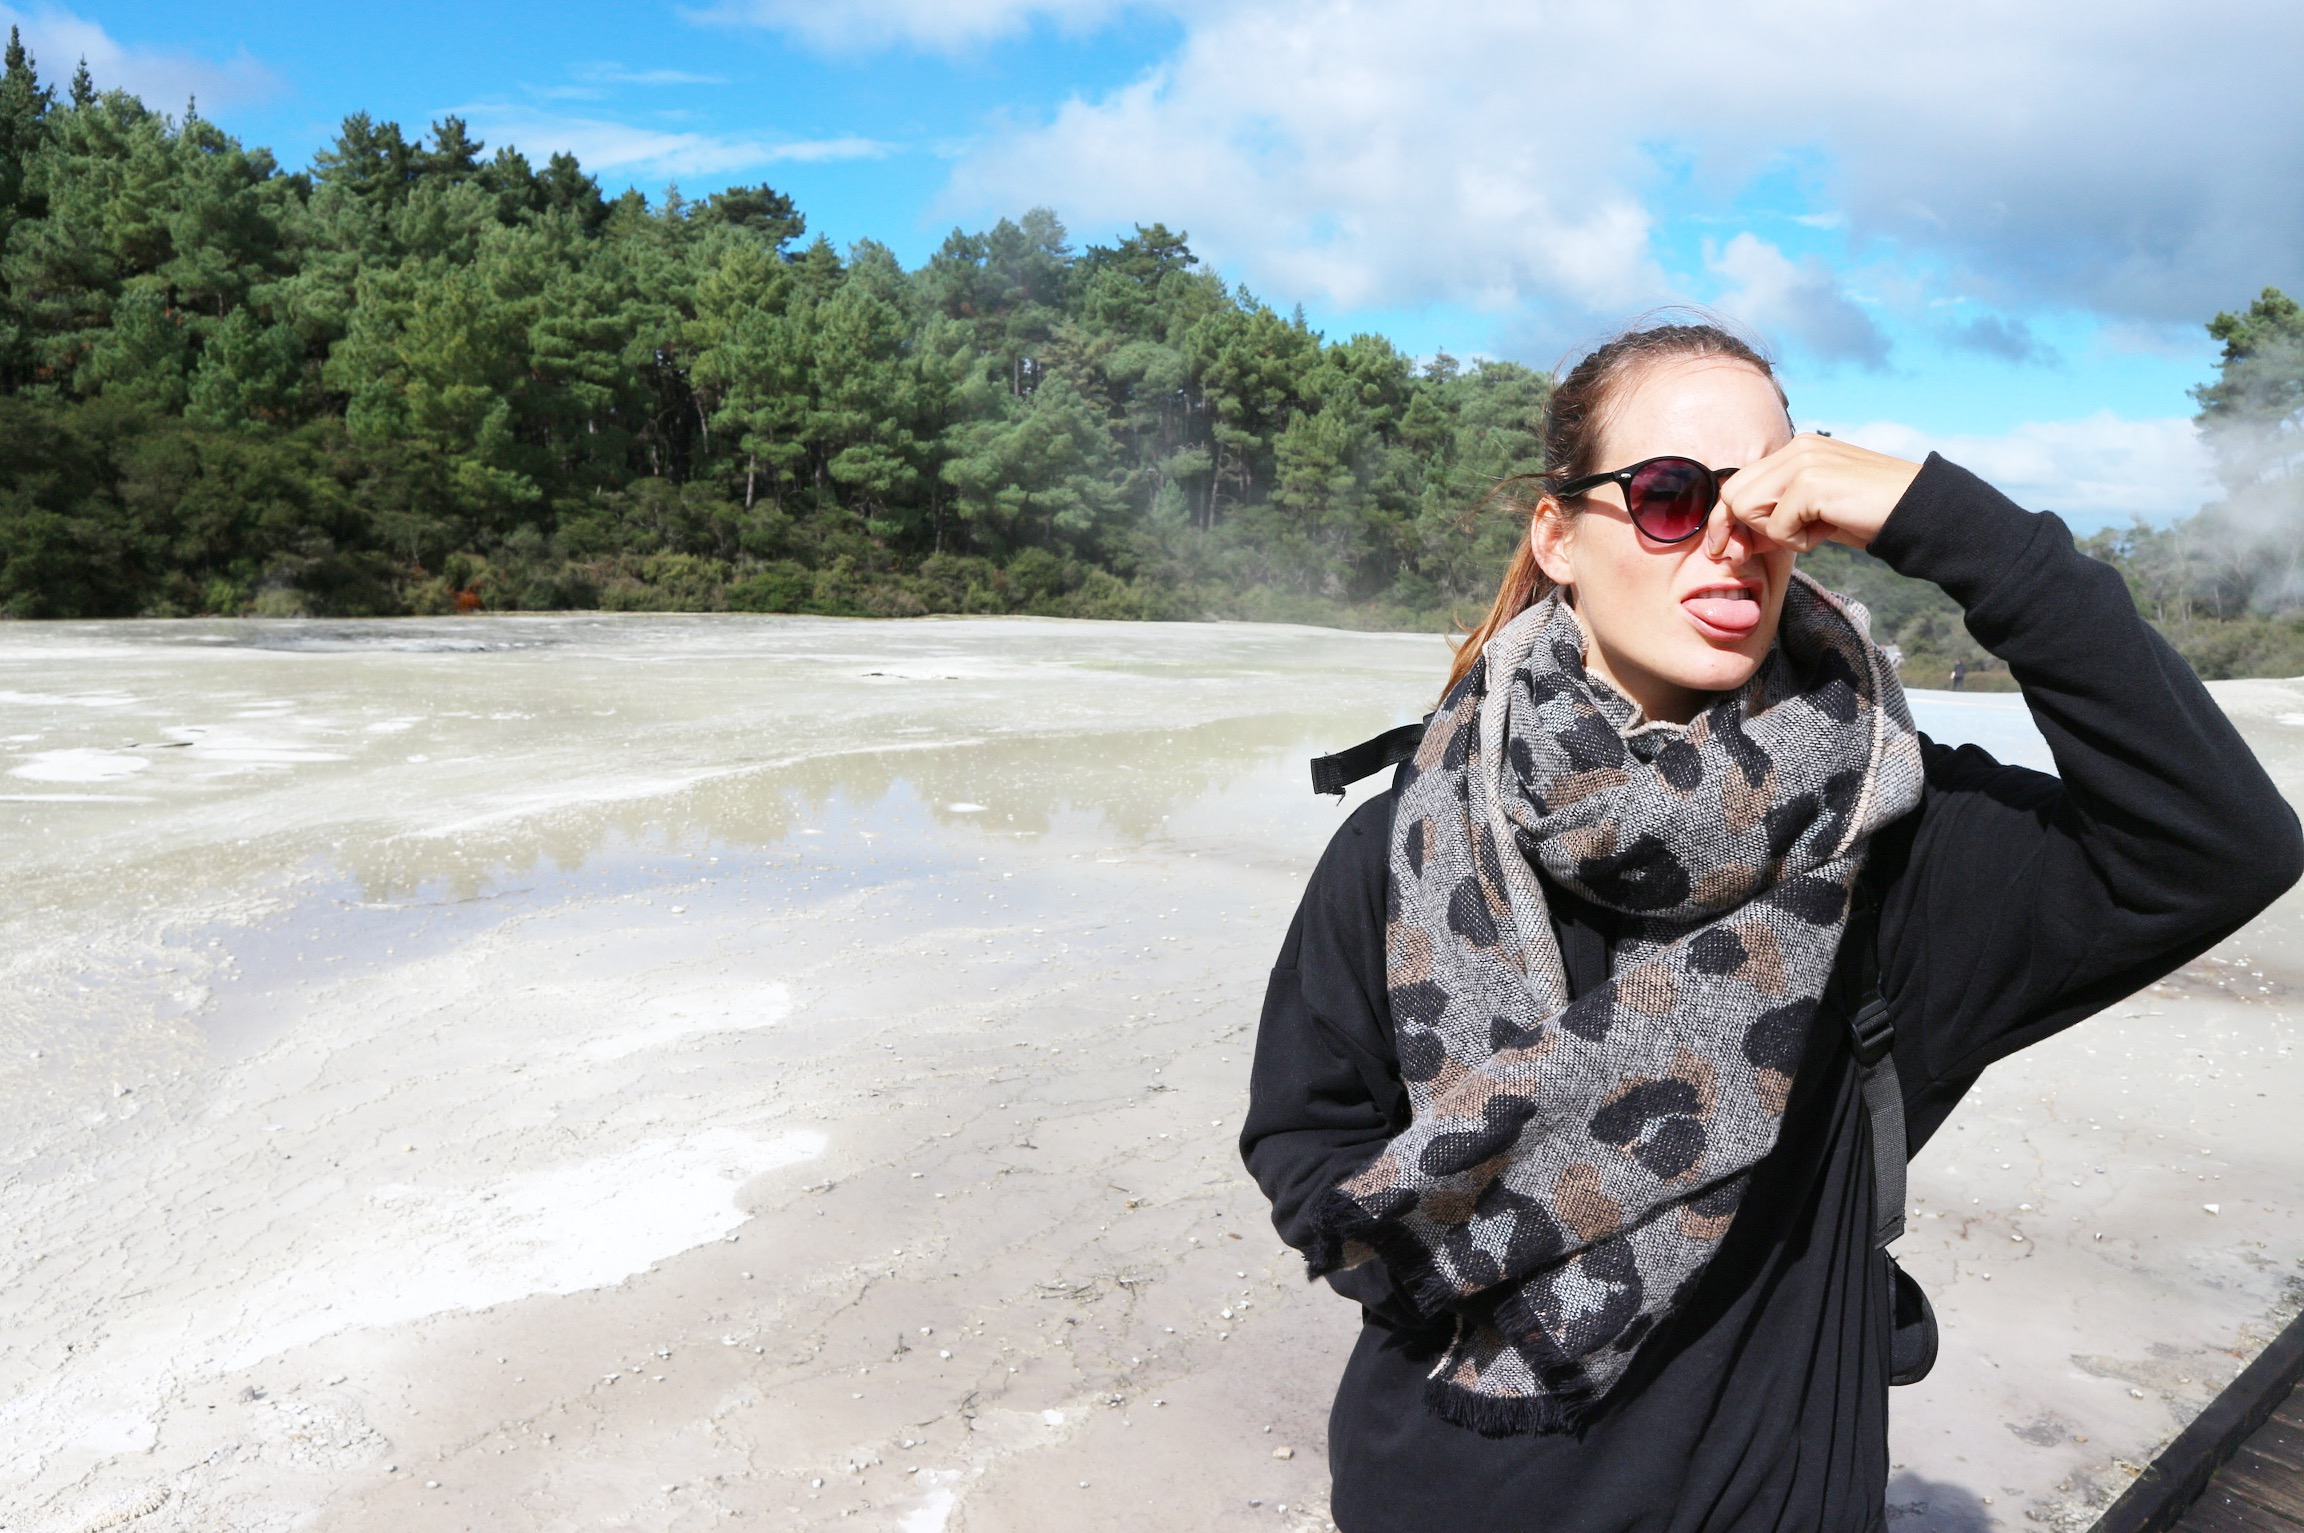 Nieuw-zeeland, Northland, Taupo, Lake Taupo, Rotorua, camper, nieuw-zeeland, reizen, wereldreis, wanderlust, kamperen, blogger